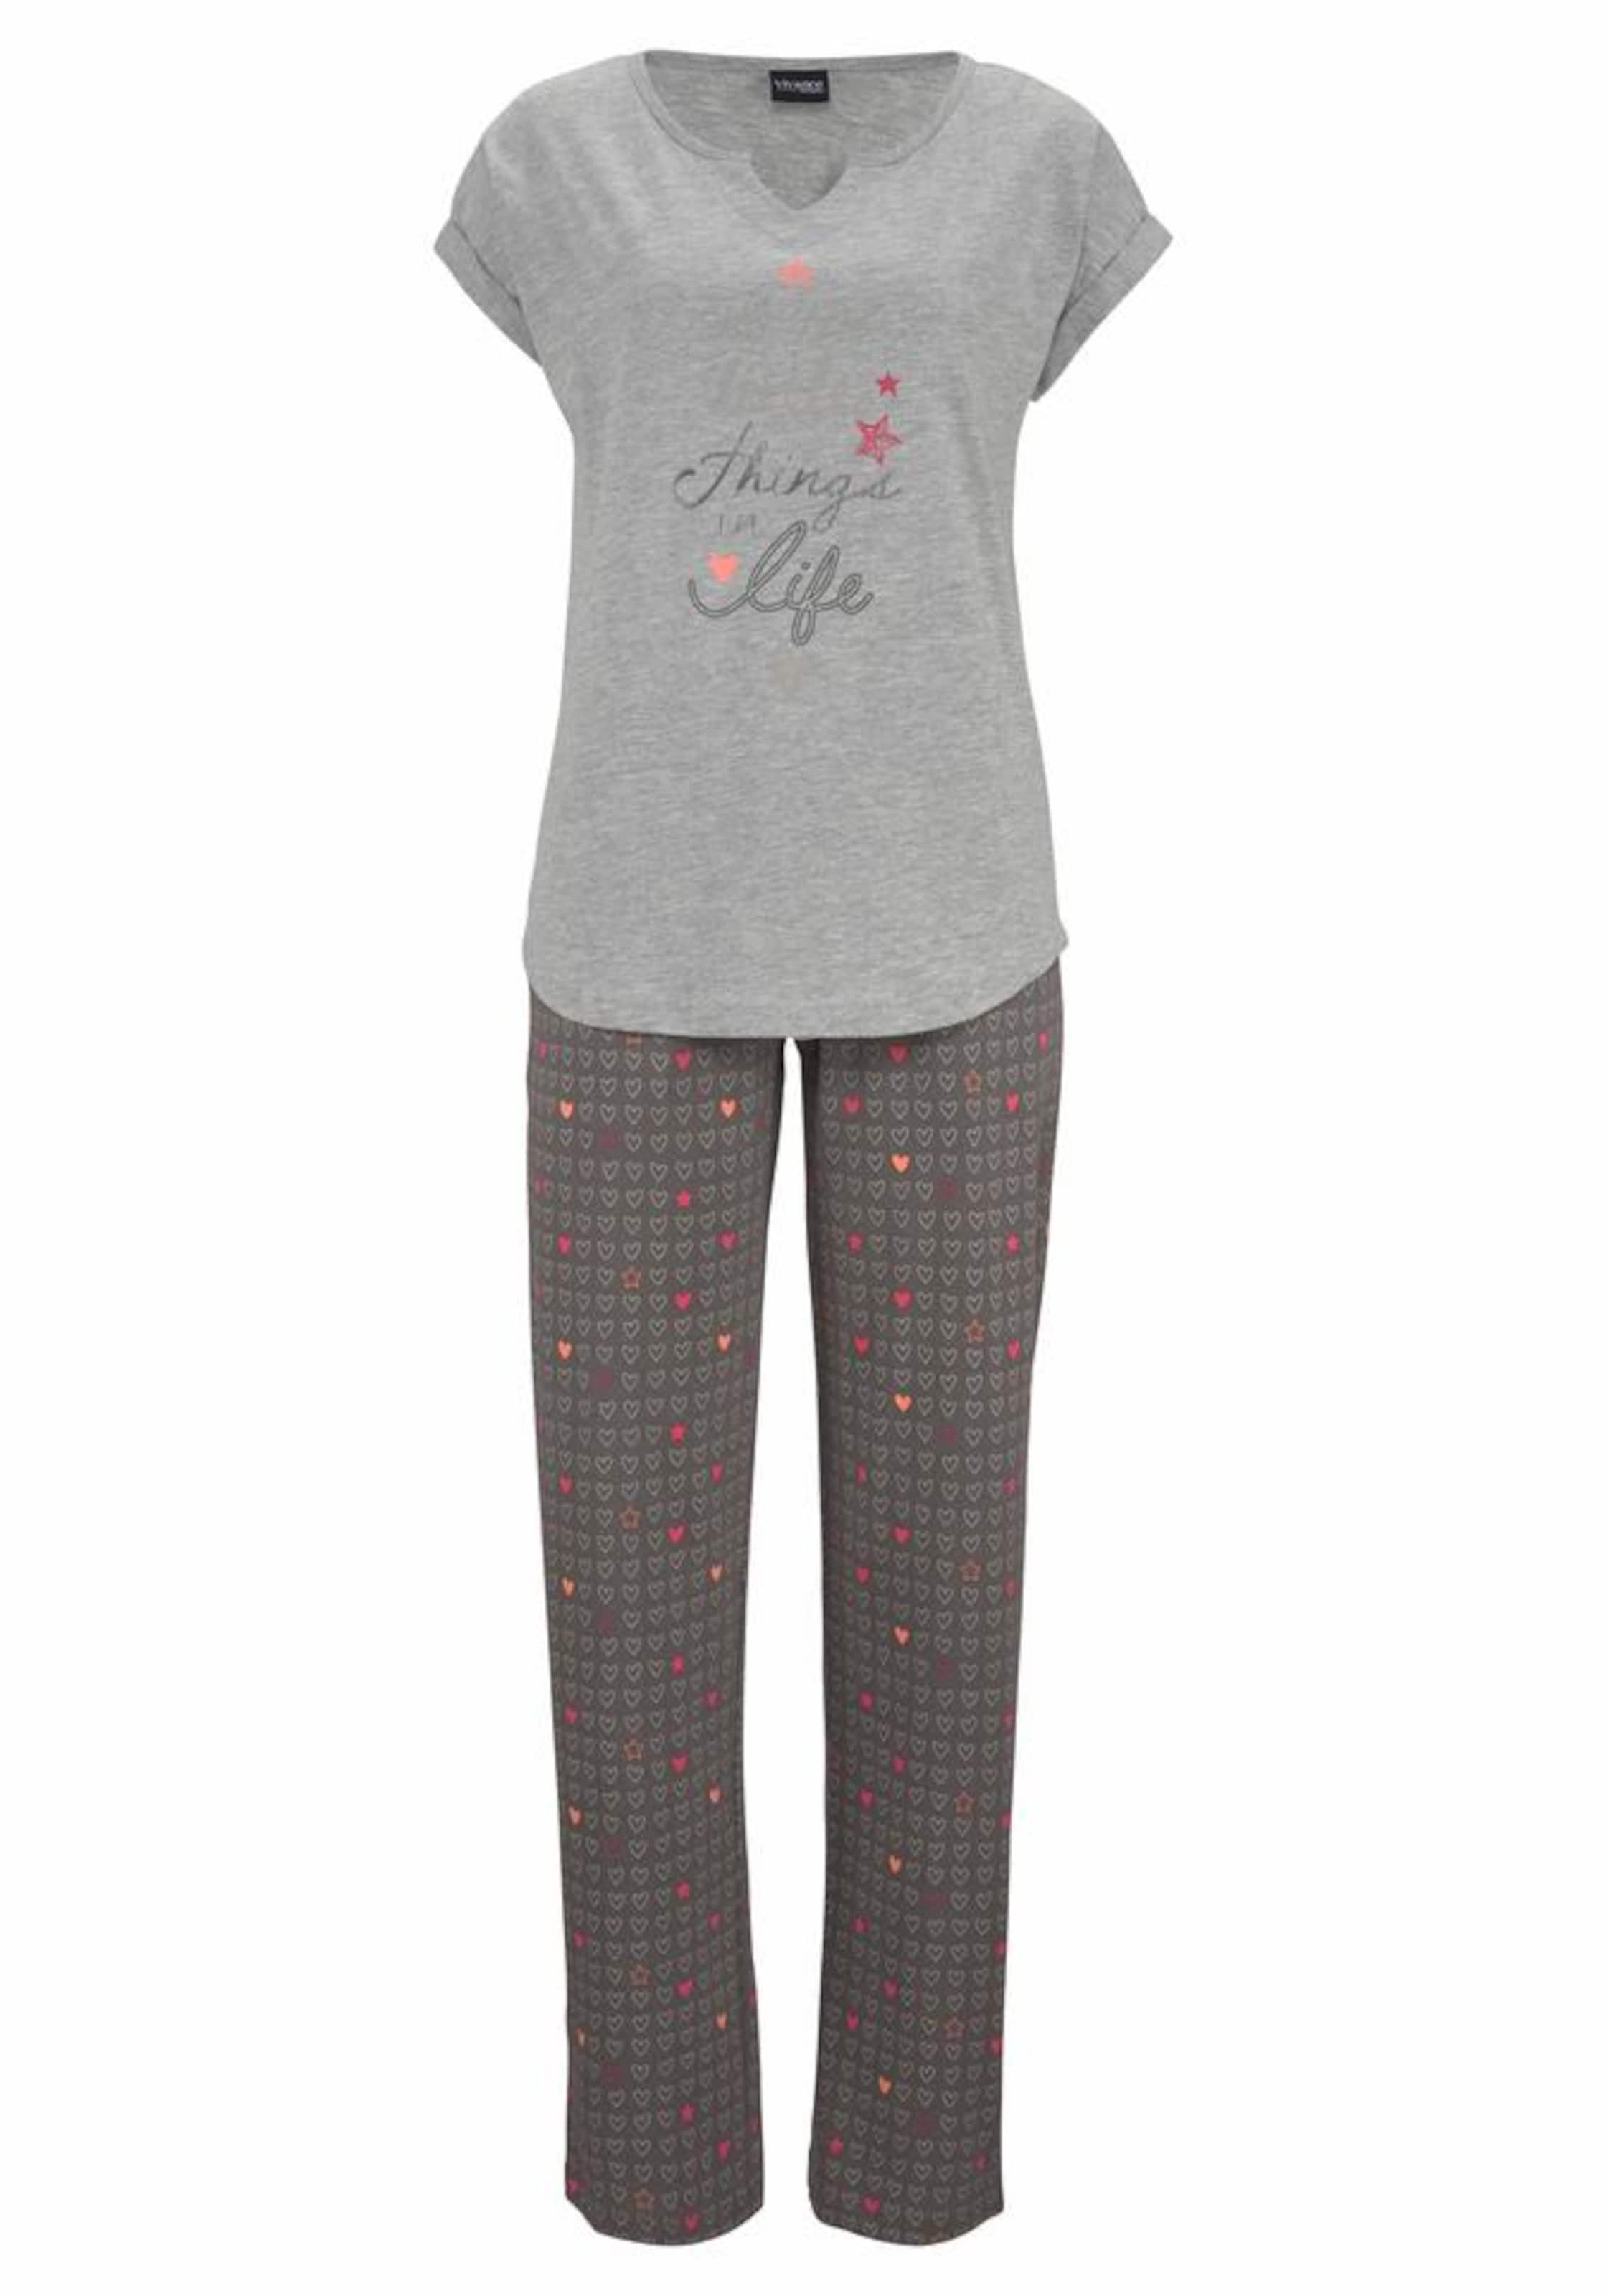 Echt Ausgezeichneter Günstiger Preis VIVANCE Dreams Pyjama Breite Palette Von Online kJkQpJpLx2